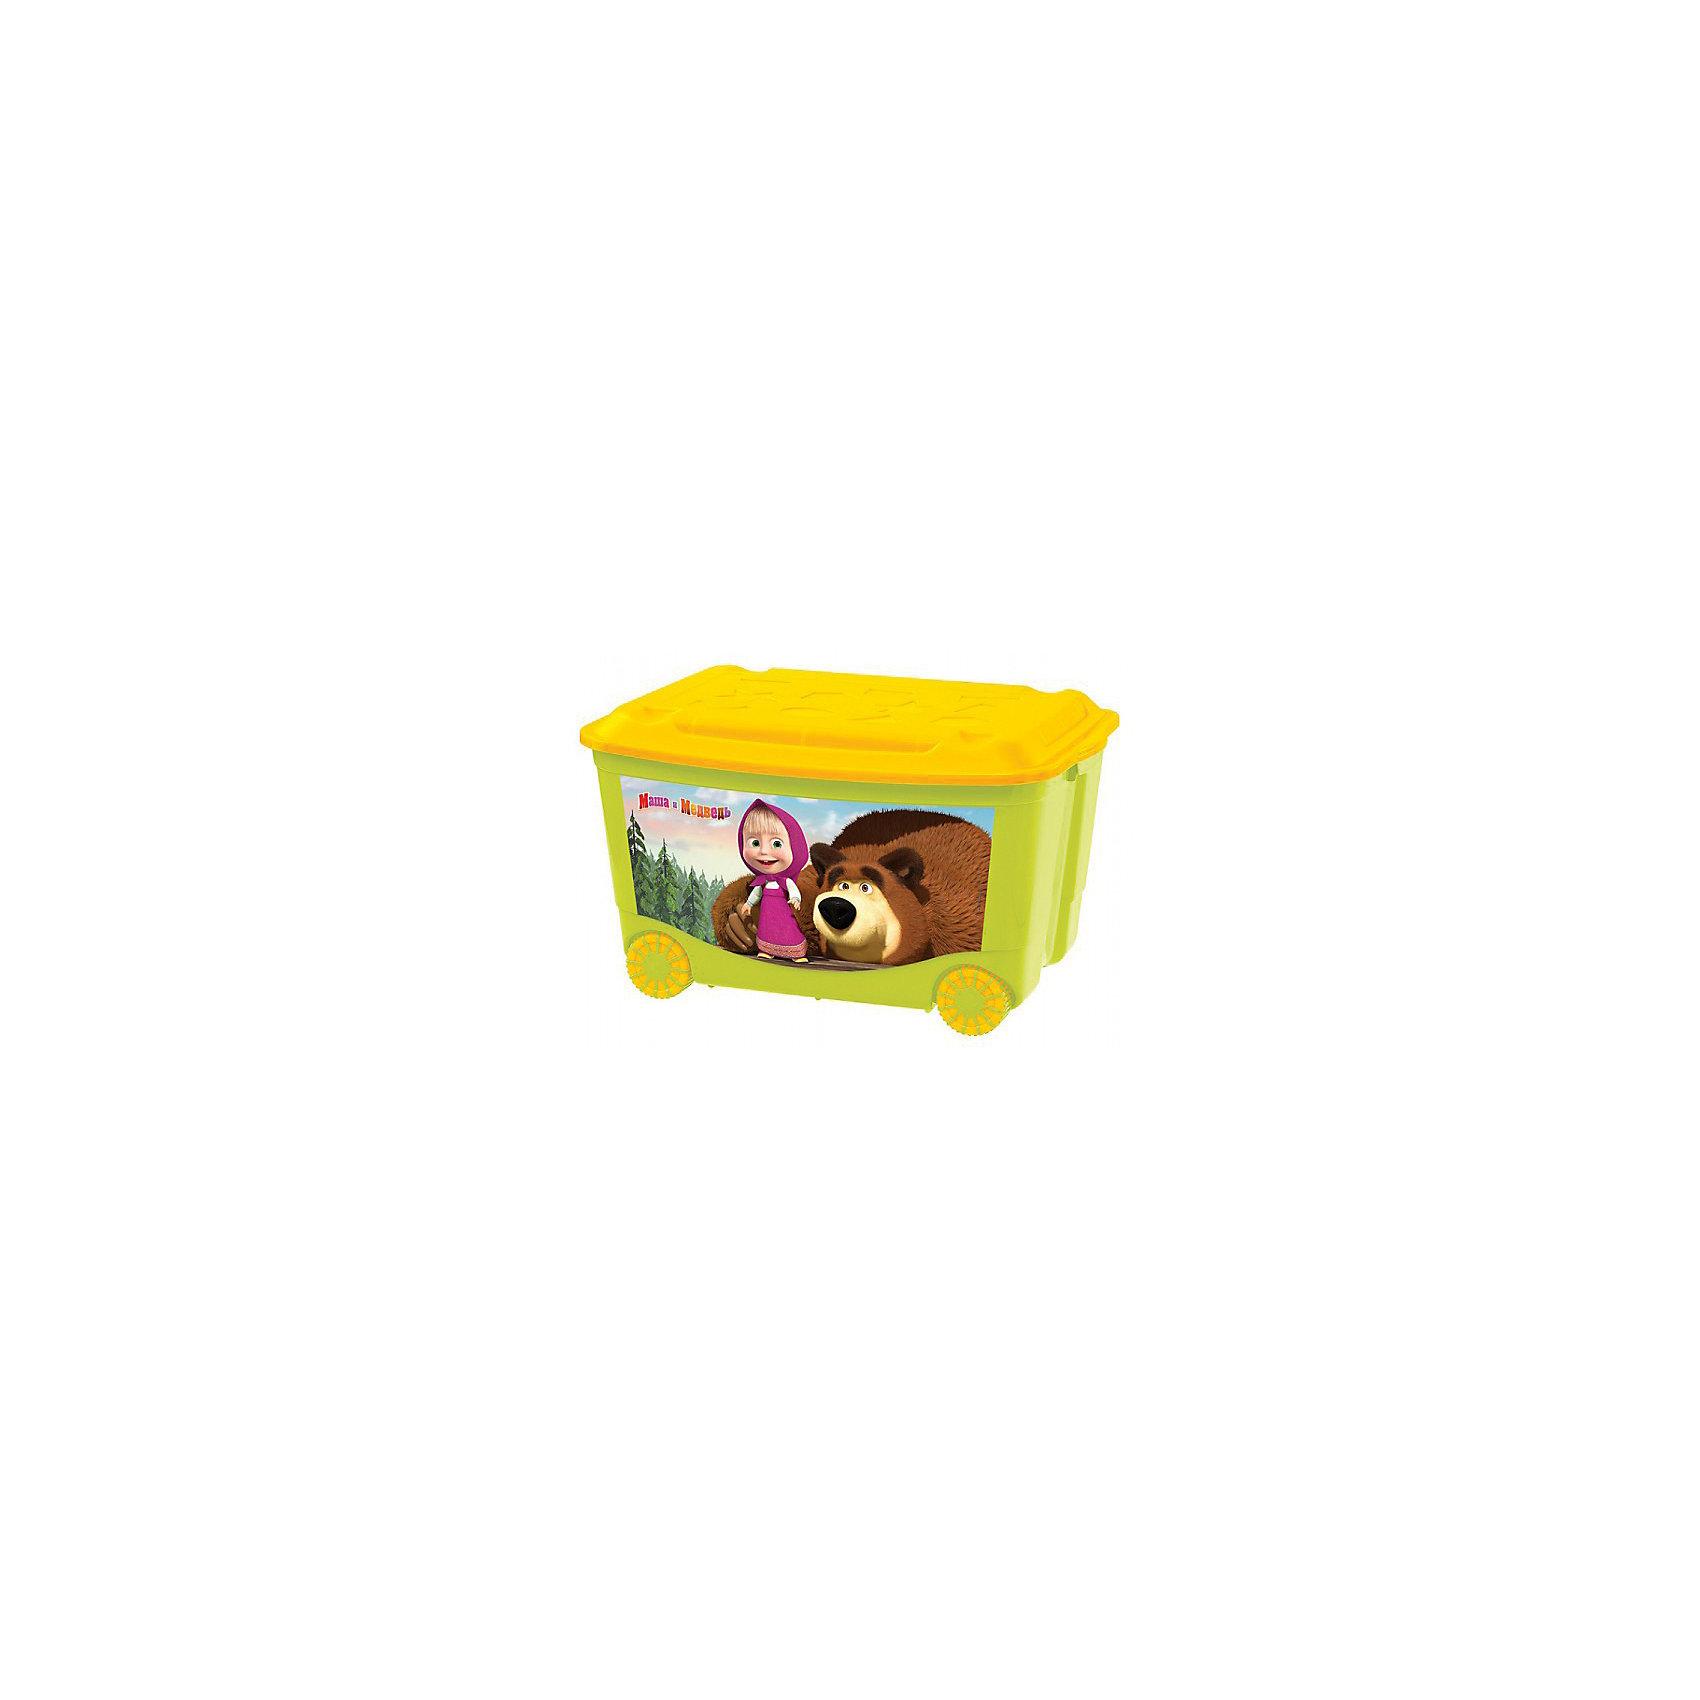 Пластишка Ящик для игрушек на колесах 580*390*335 Маша и Медведь, Пластишка, зелёный автодома на колесах бу купить в испании